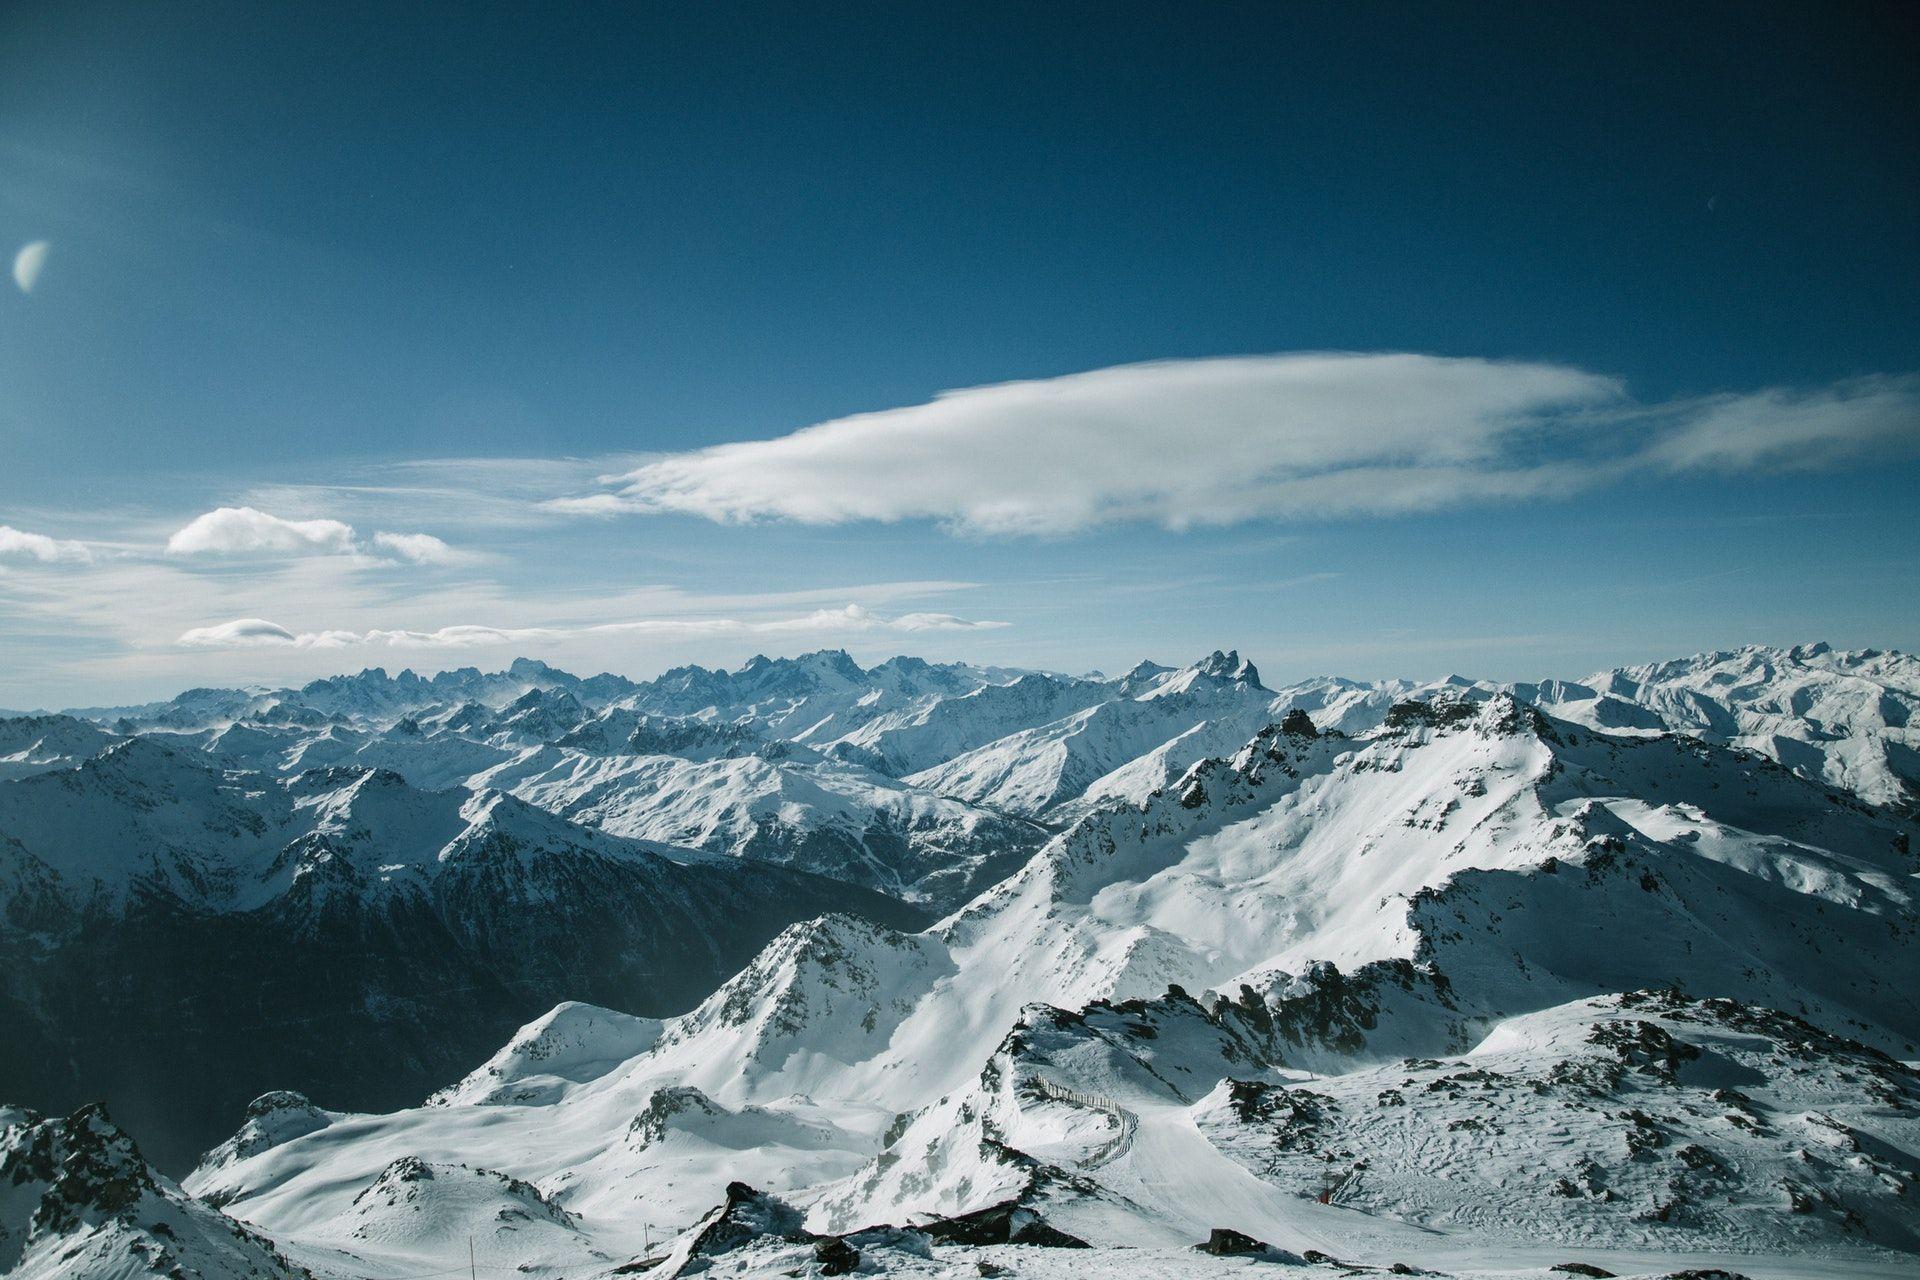 عکس زمینه رشته کوه های پوشیده از برف پس زمینه